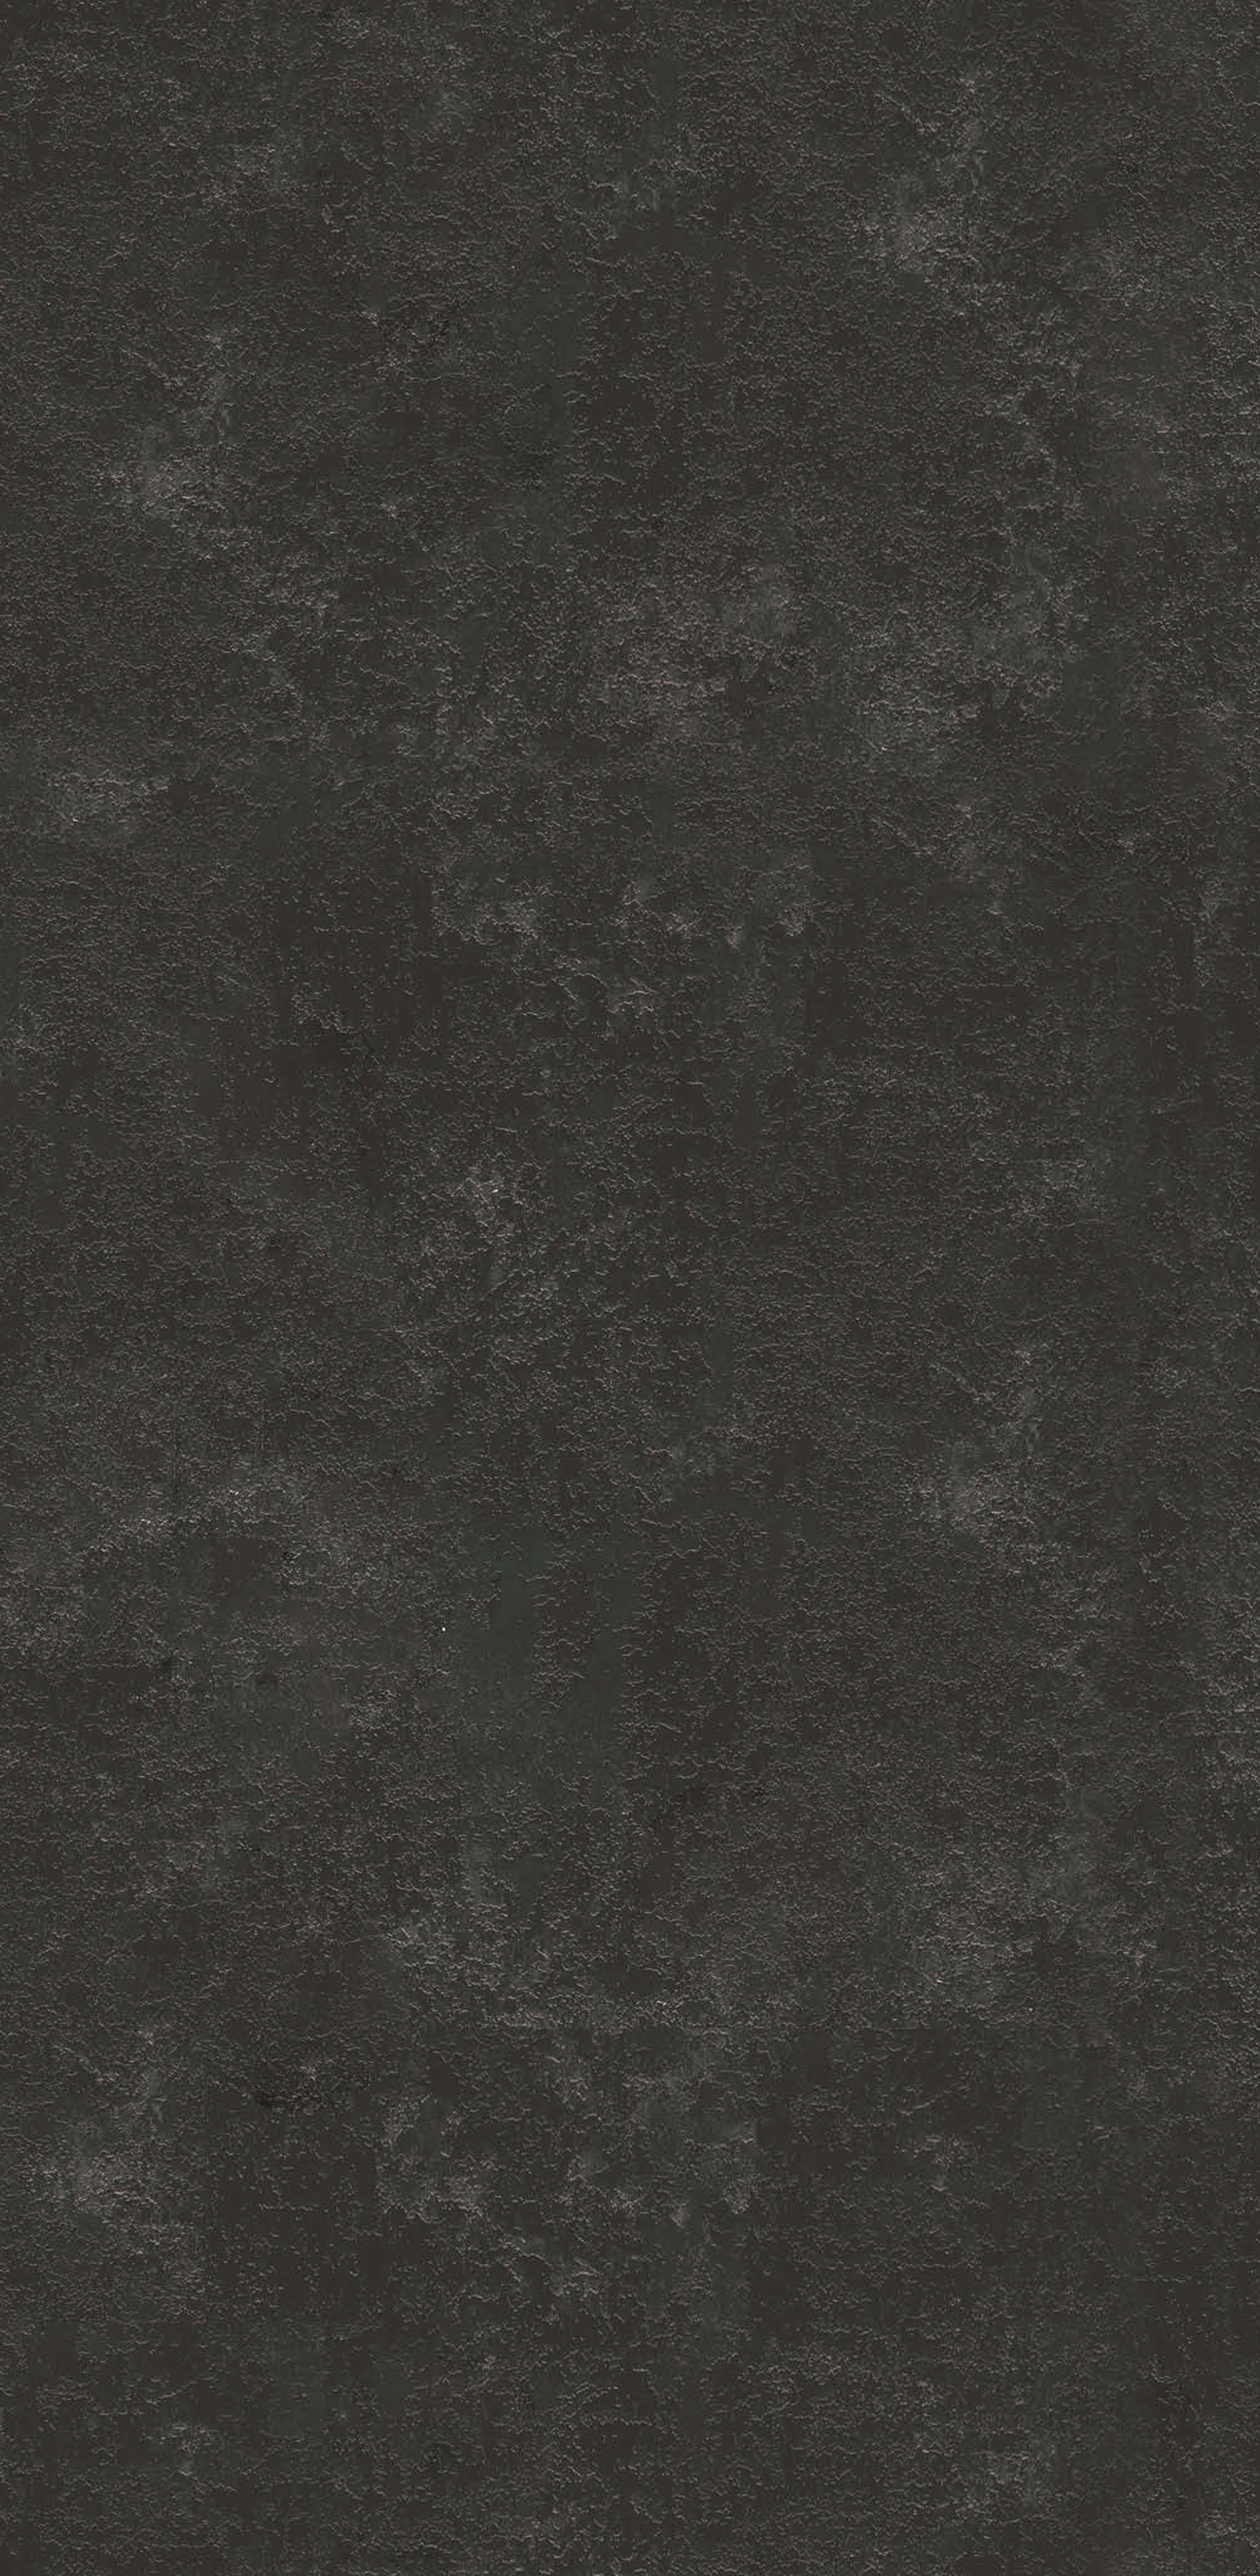 Metallic Brown F76054 BR